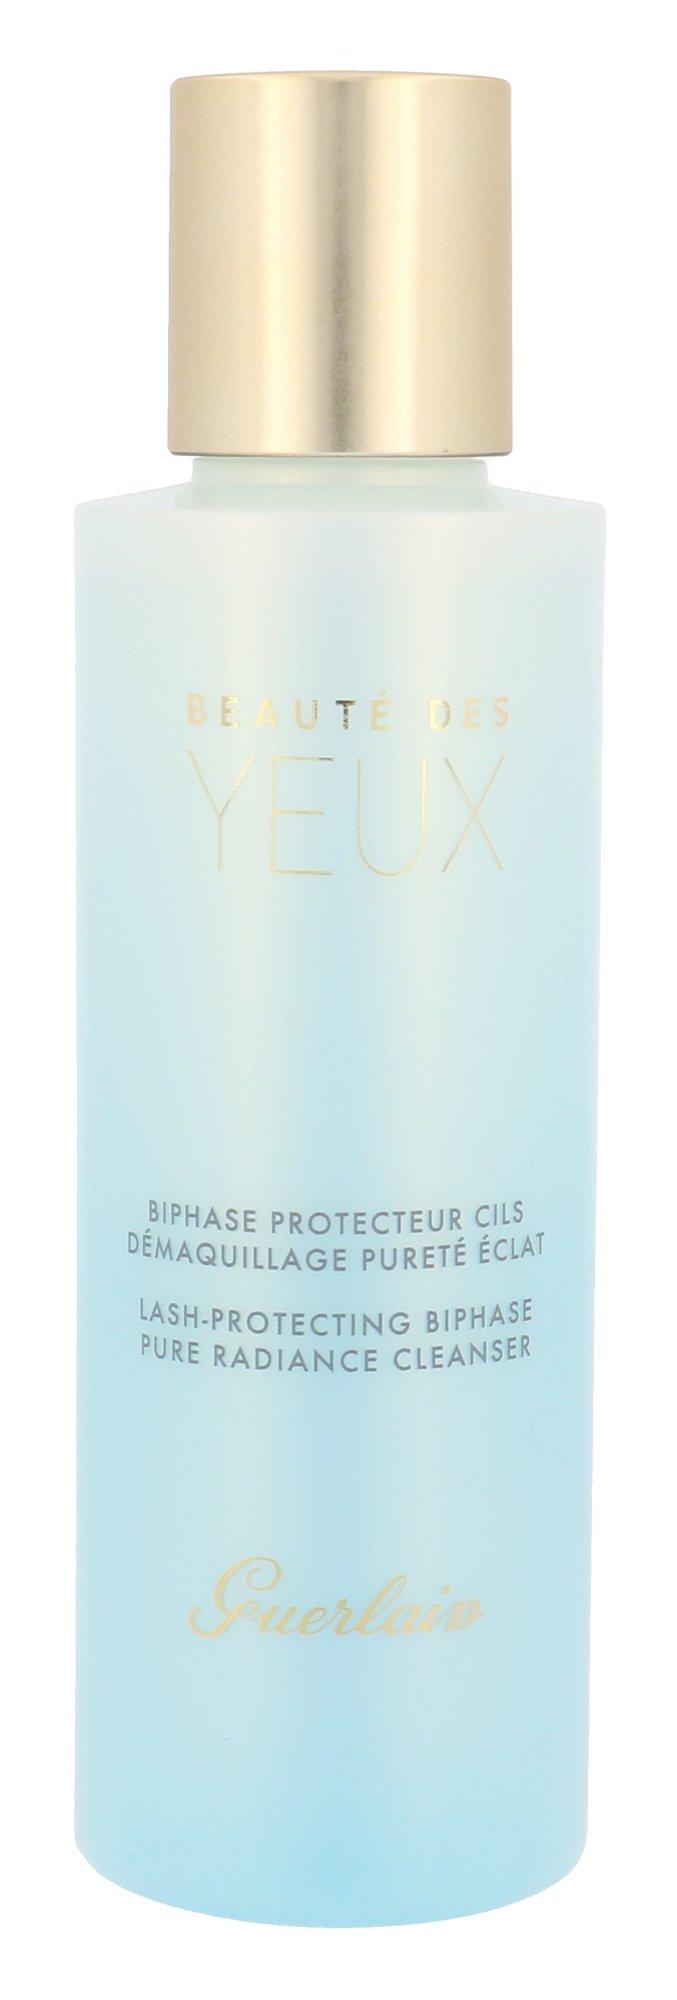 Guerlain Beauté Des Yeux Cosmetic 125ml  Pure Radiance Cleanser